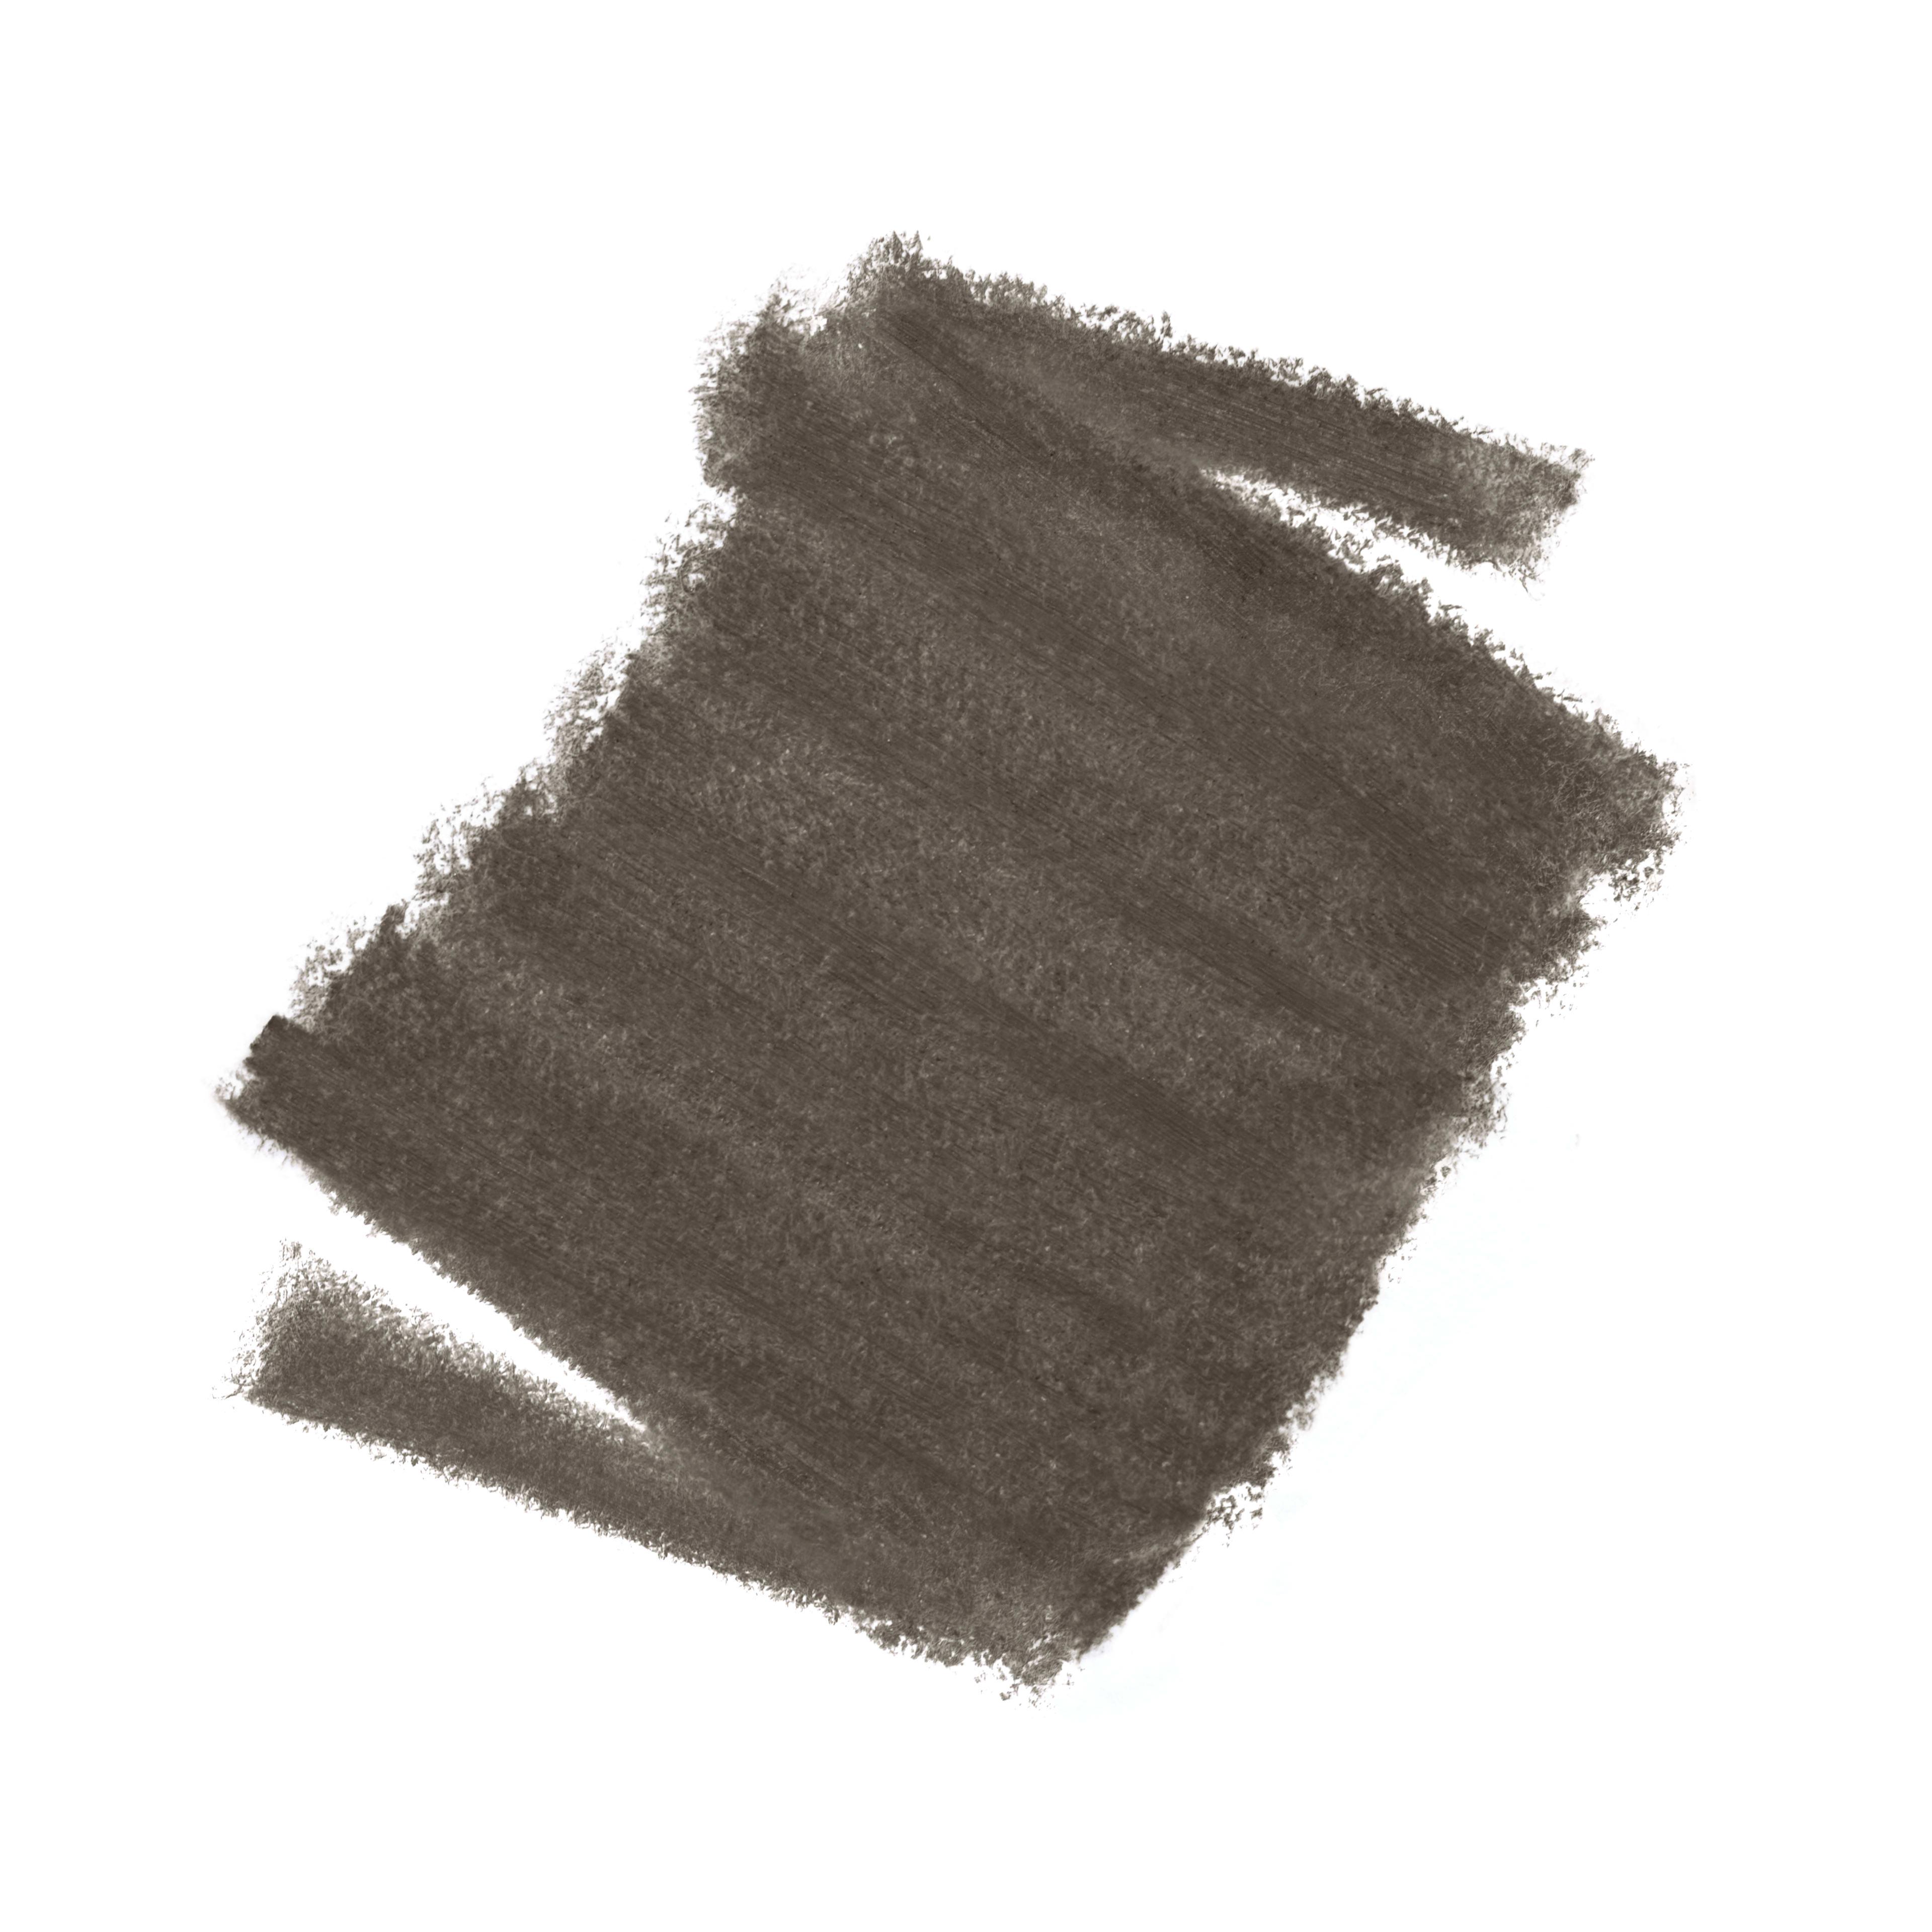 BOY DE CHANEL EYEBROW PENCIL - makeup - 0.27g - Basic texture view